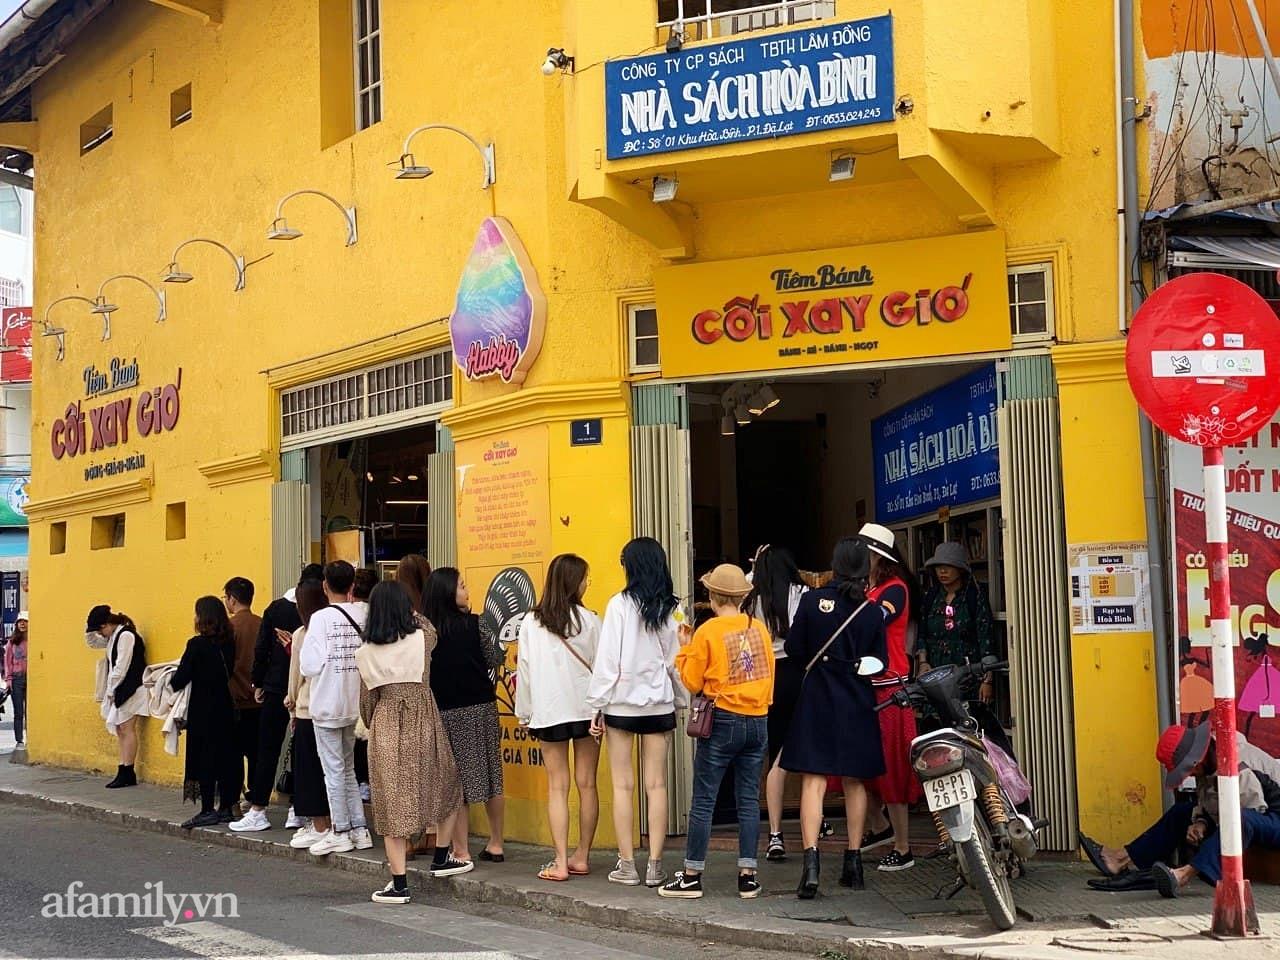 Hay tin bức tường vàng nổi tiếng của tiệm bánh Cối Xay Gió sắp ngừng hoạt động, khách du lịch kéo nhau đến chụp ảnh kỉ niệm đông nghẹt - Ảnh 3.